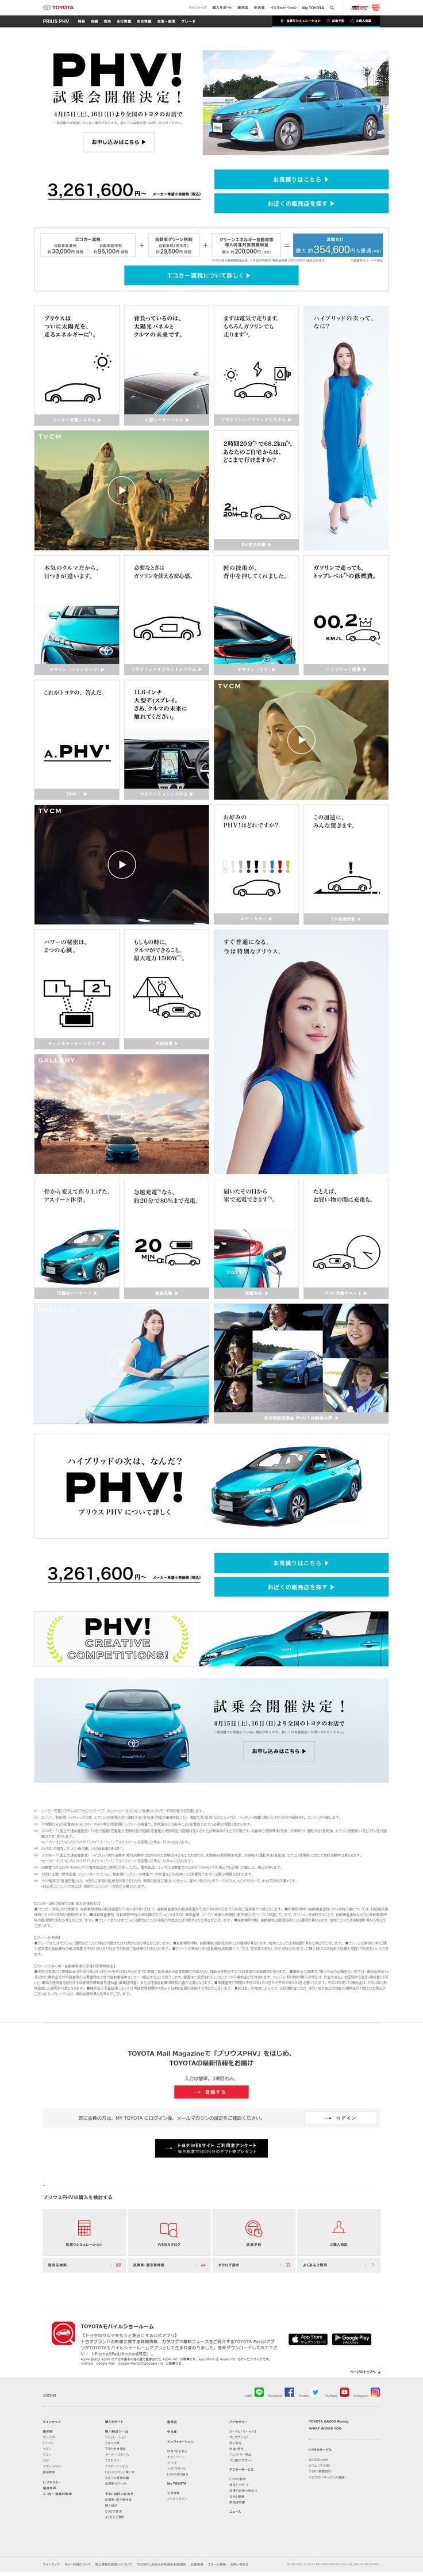 トヨタ プリウスPHV キャンペーン シンプルガイド トヨタ自動車WEBサイト http://toyota.jp/priusphv/cp/simpleguide/